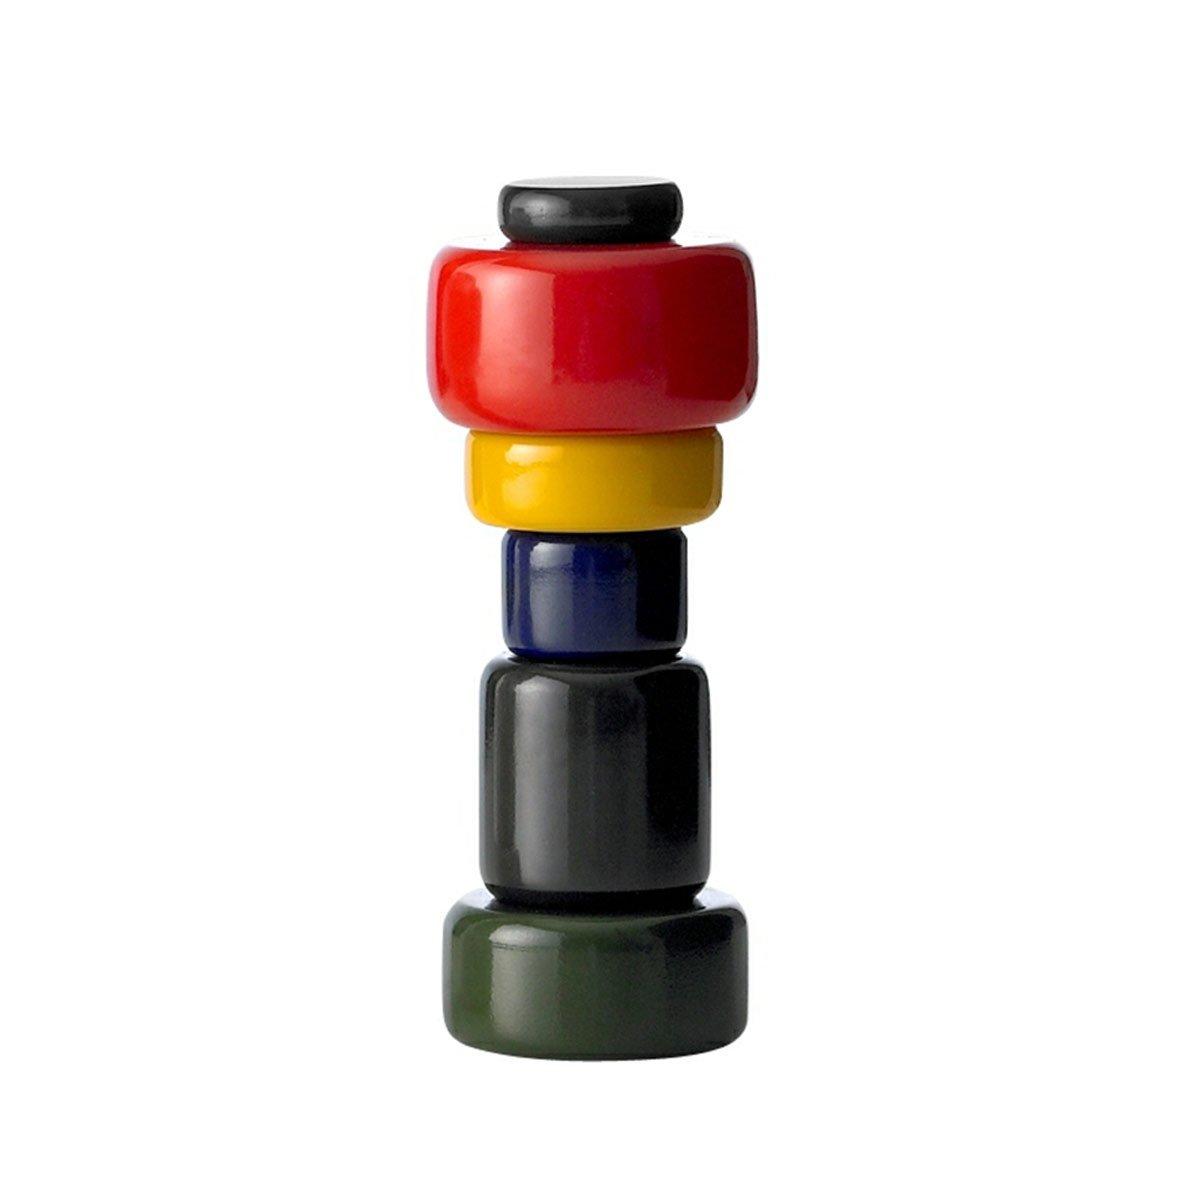 PLUS moulin /à sel ou /à poivre multicolore hISTOIRE dU fABRICANT muuto